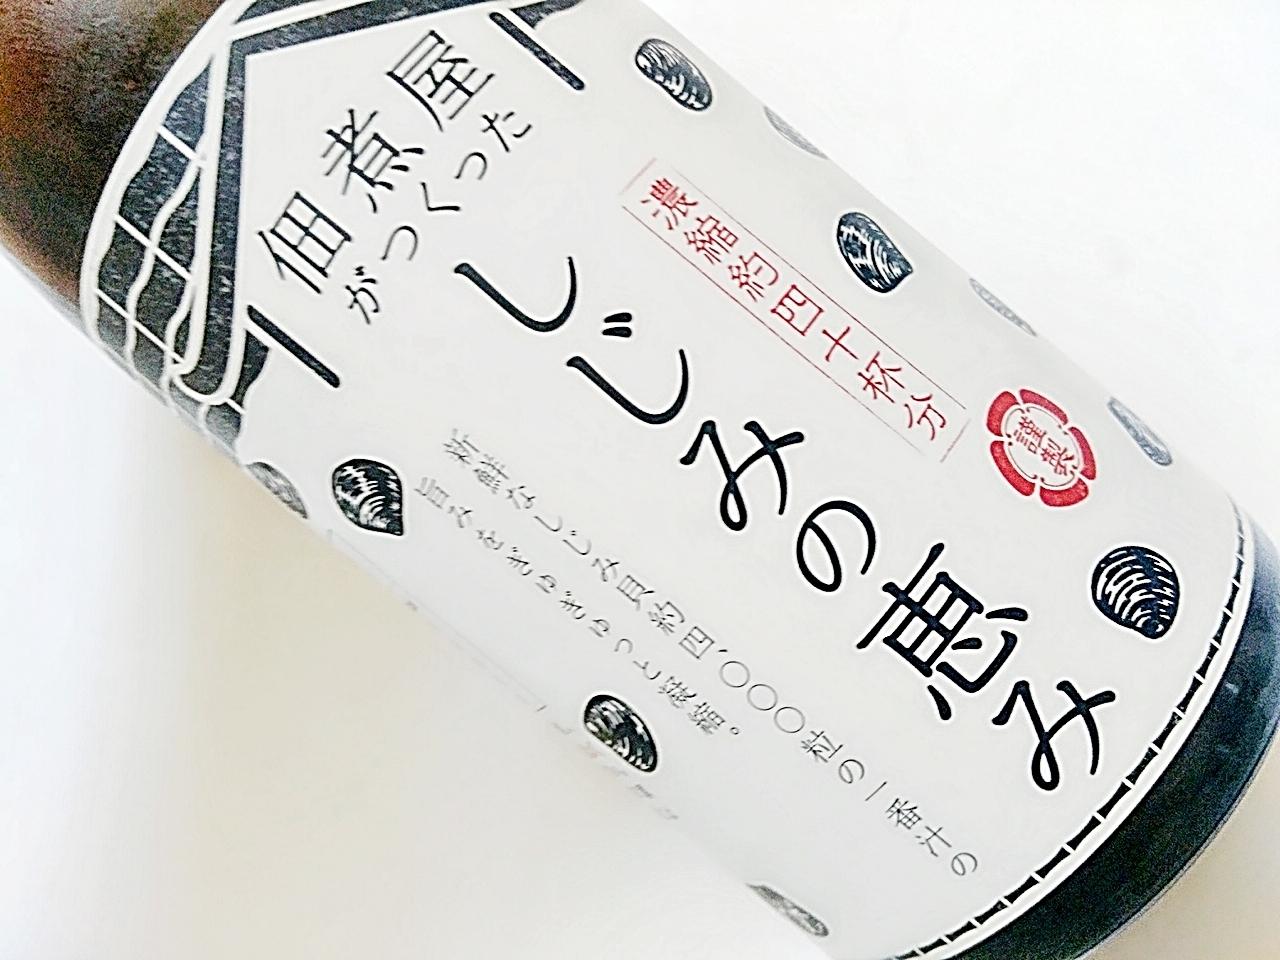 疲れが取れない朝にはコレ!!【しじみの恵み】でオルニチンたっぷりのしじみ汁